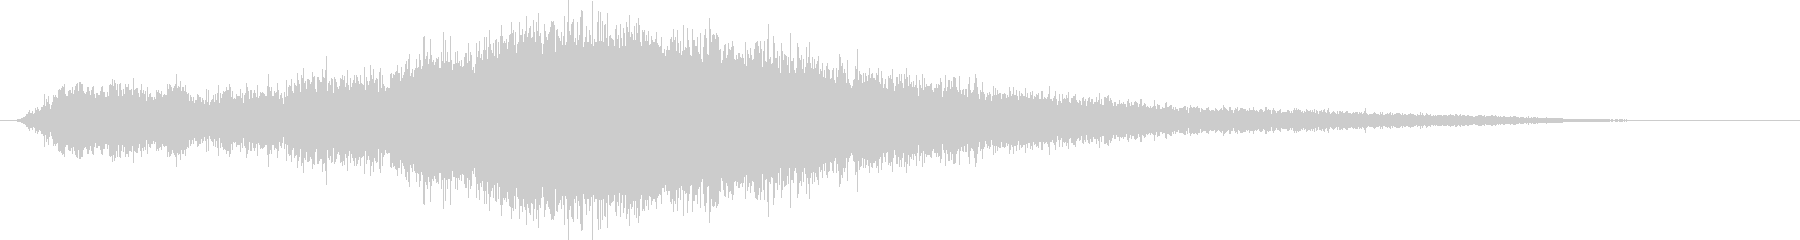 ヒューン (大型ミサイルの発射音)の未再生の波形